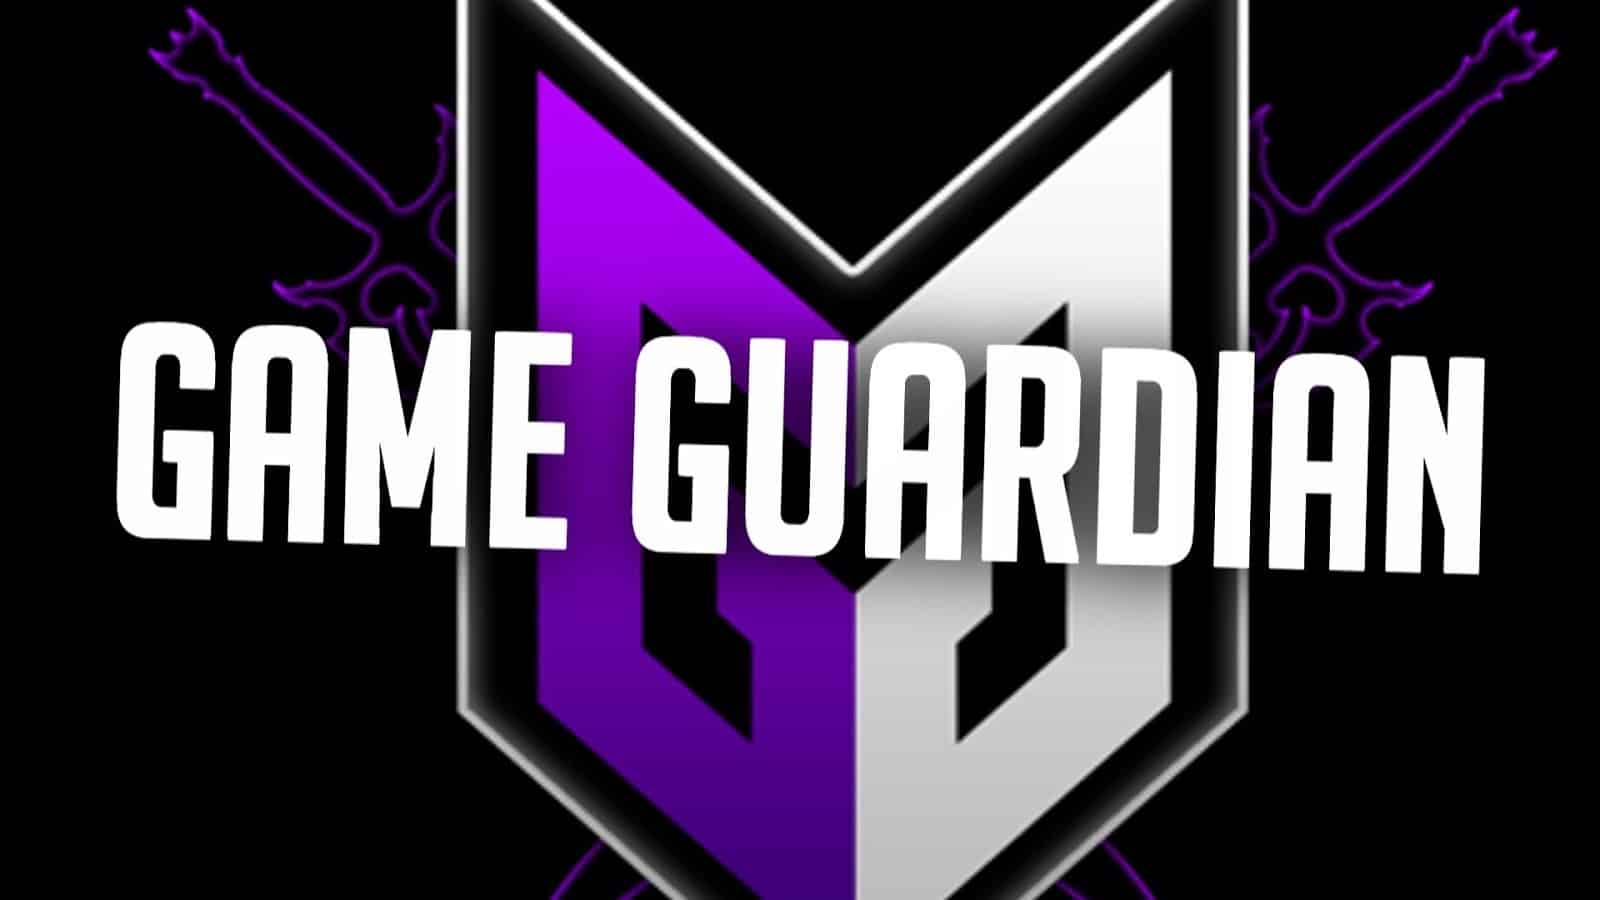 GameGuardian